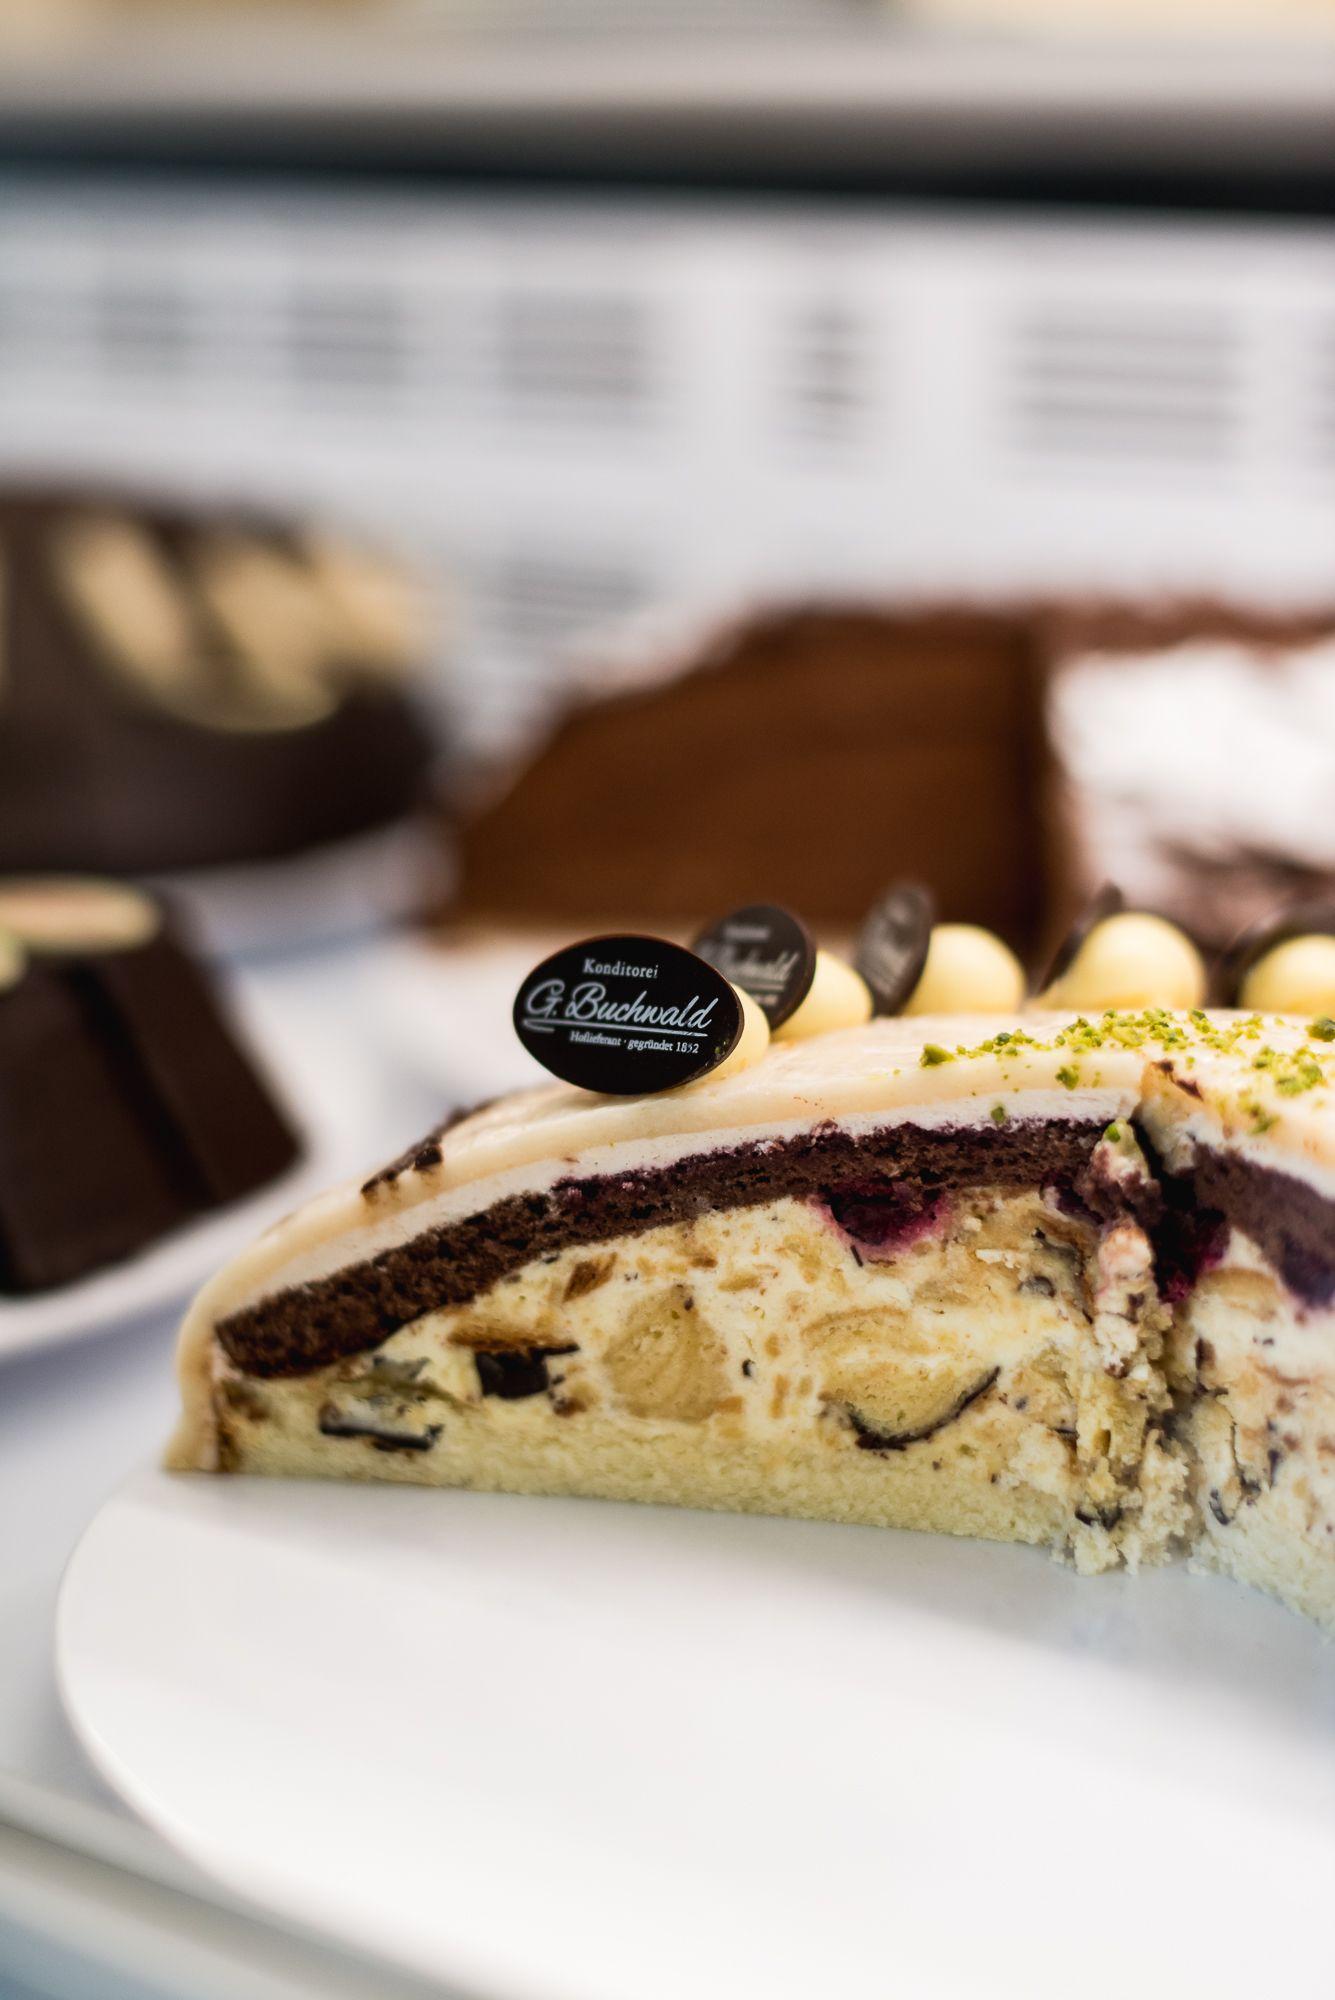 Epic Die kreativen Kuchen Kreationen der Konditorei Buchwald in Berlin